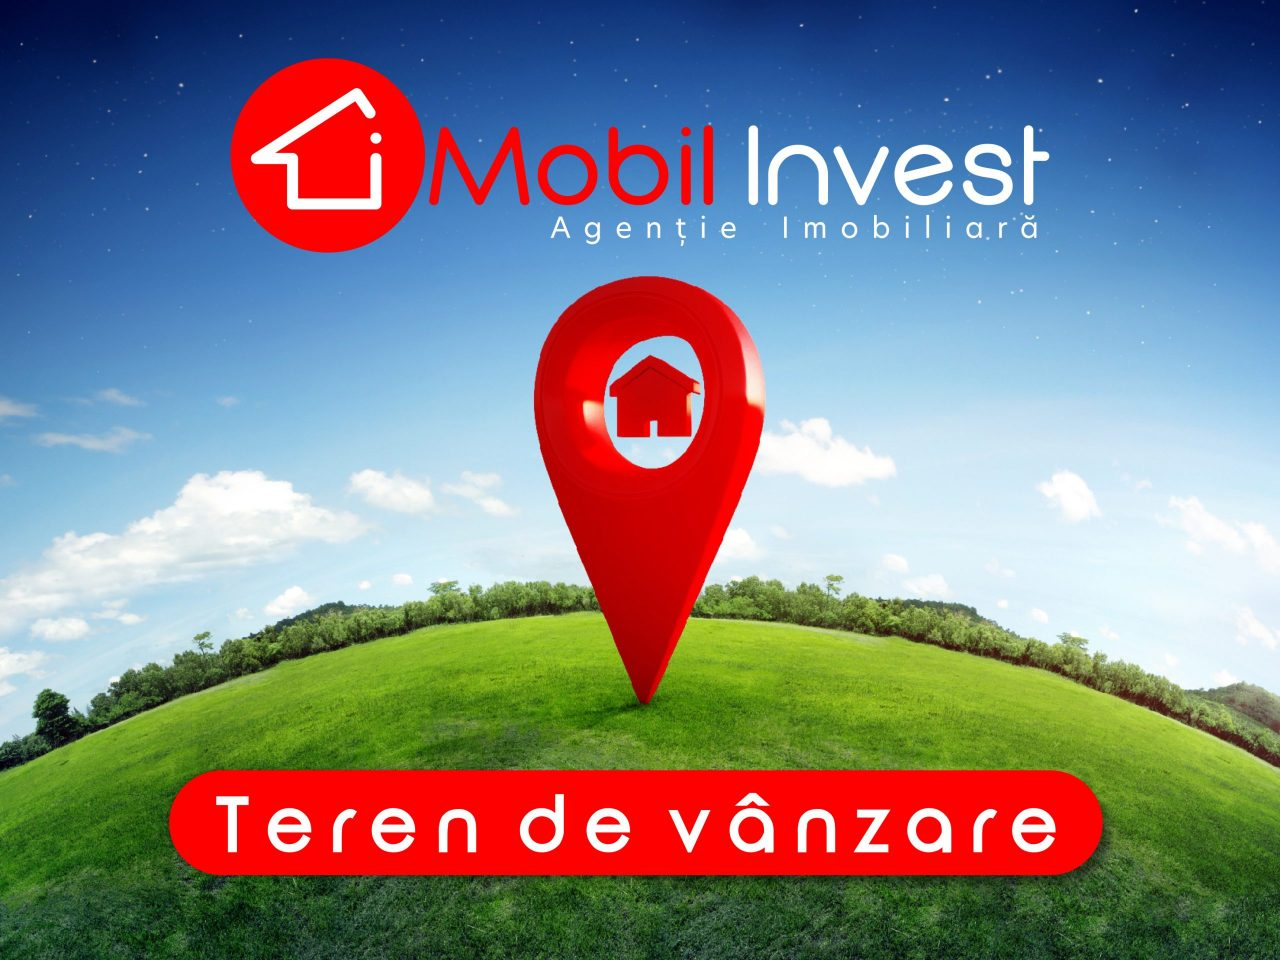 Teren ideal pentru dezvoltatorii imobiliari !!